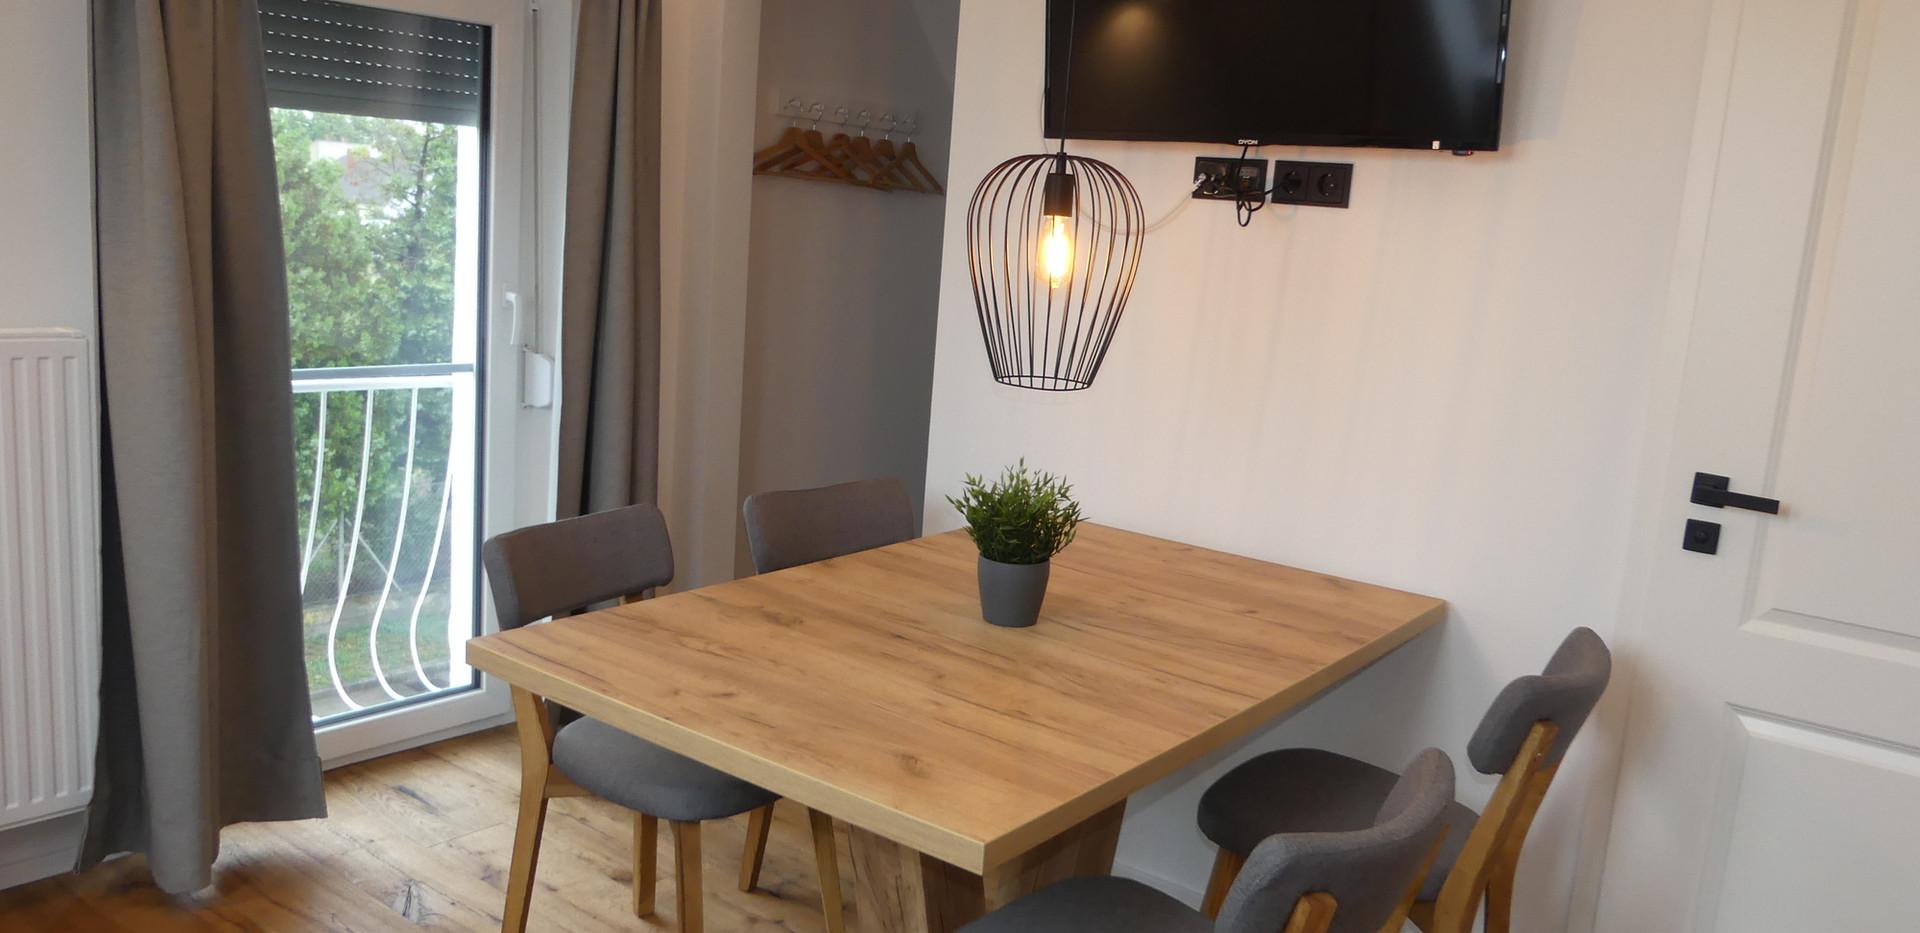 Appartement DG Wohnbereich 2.JPG